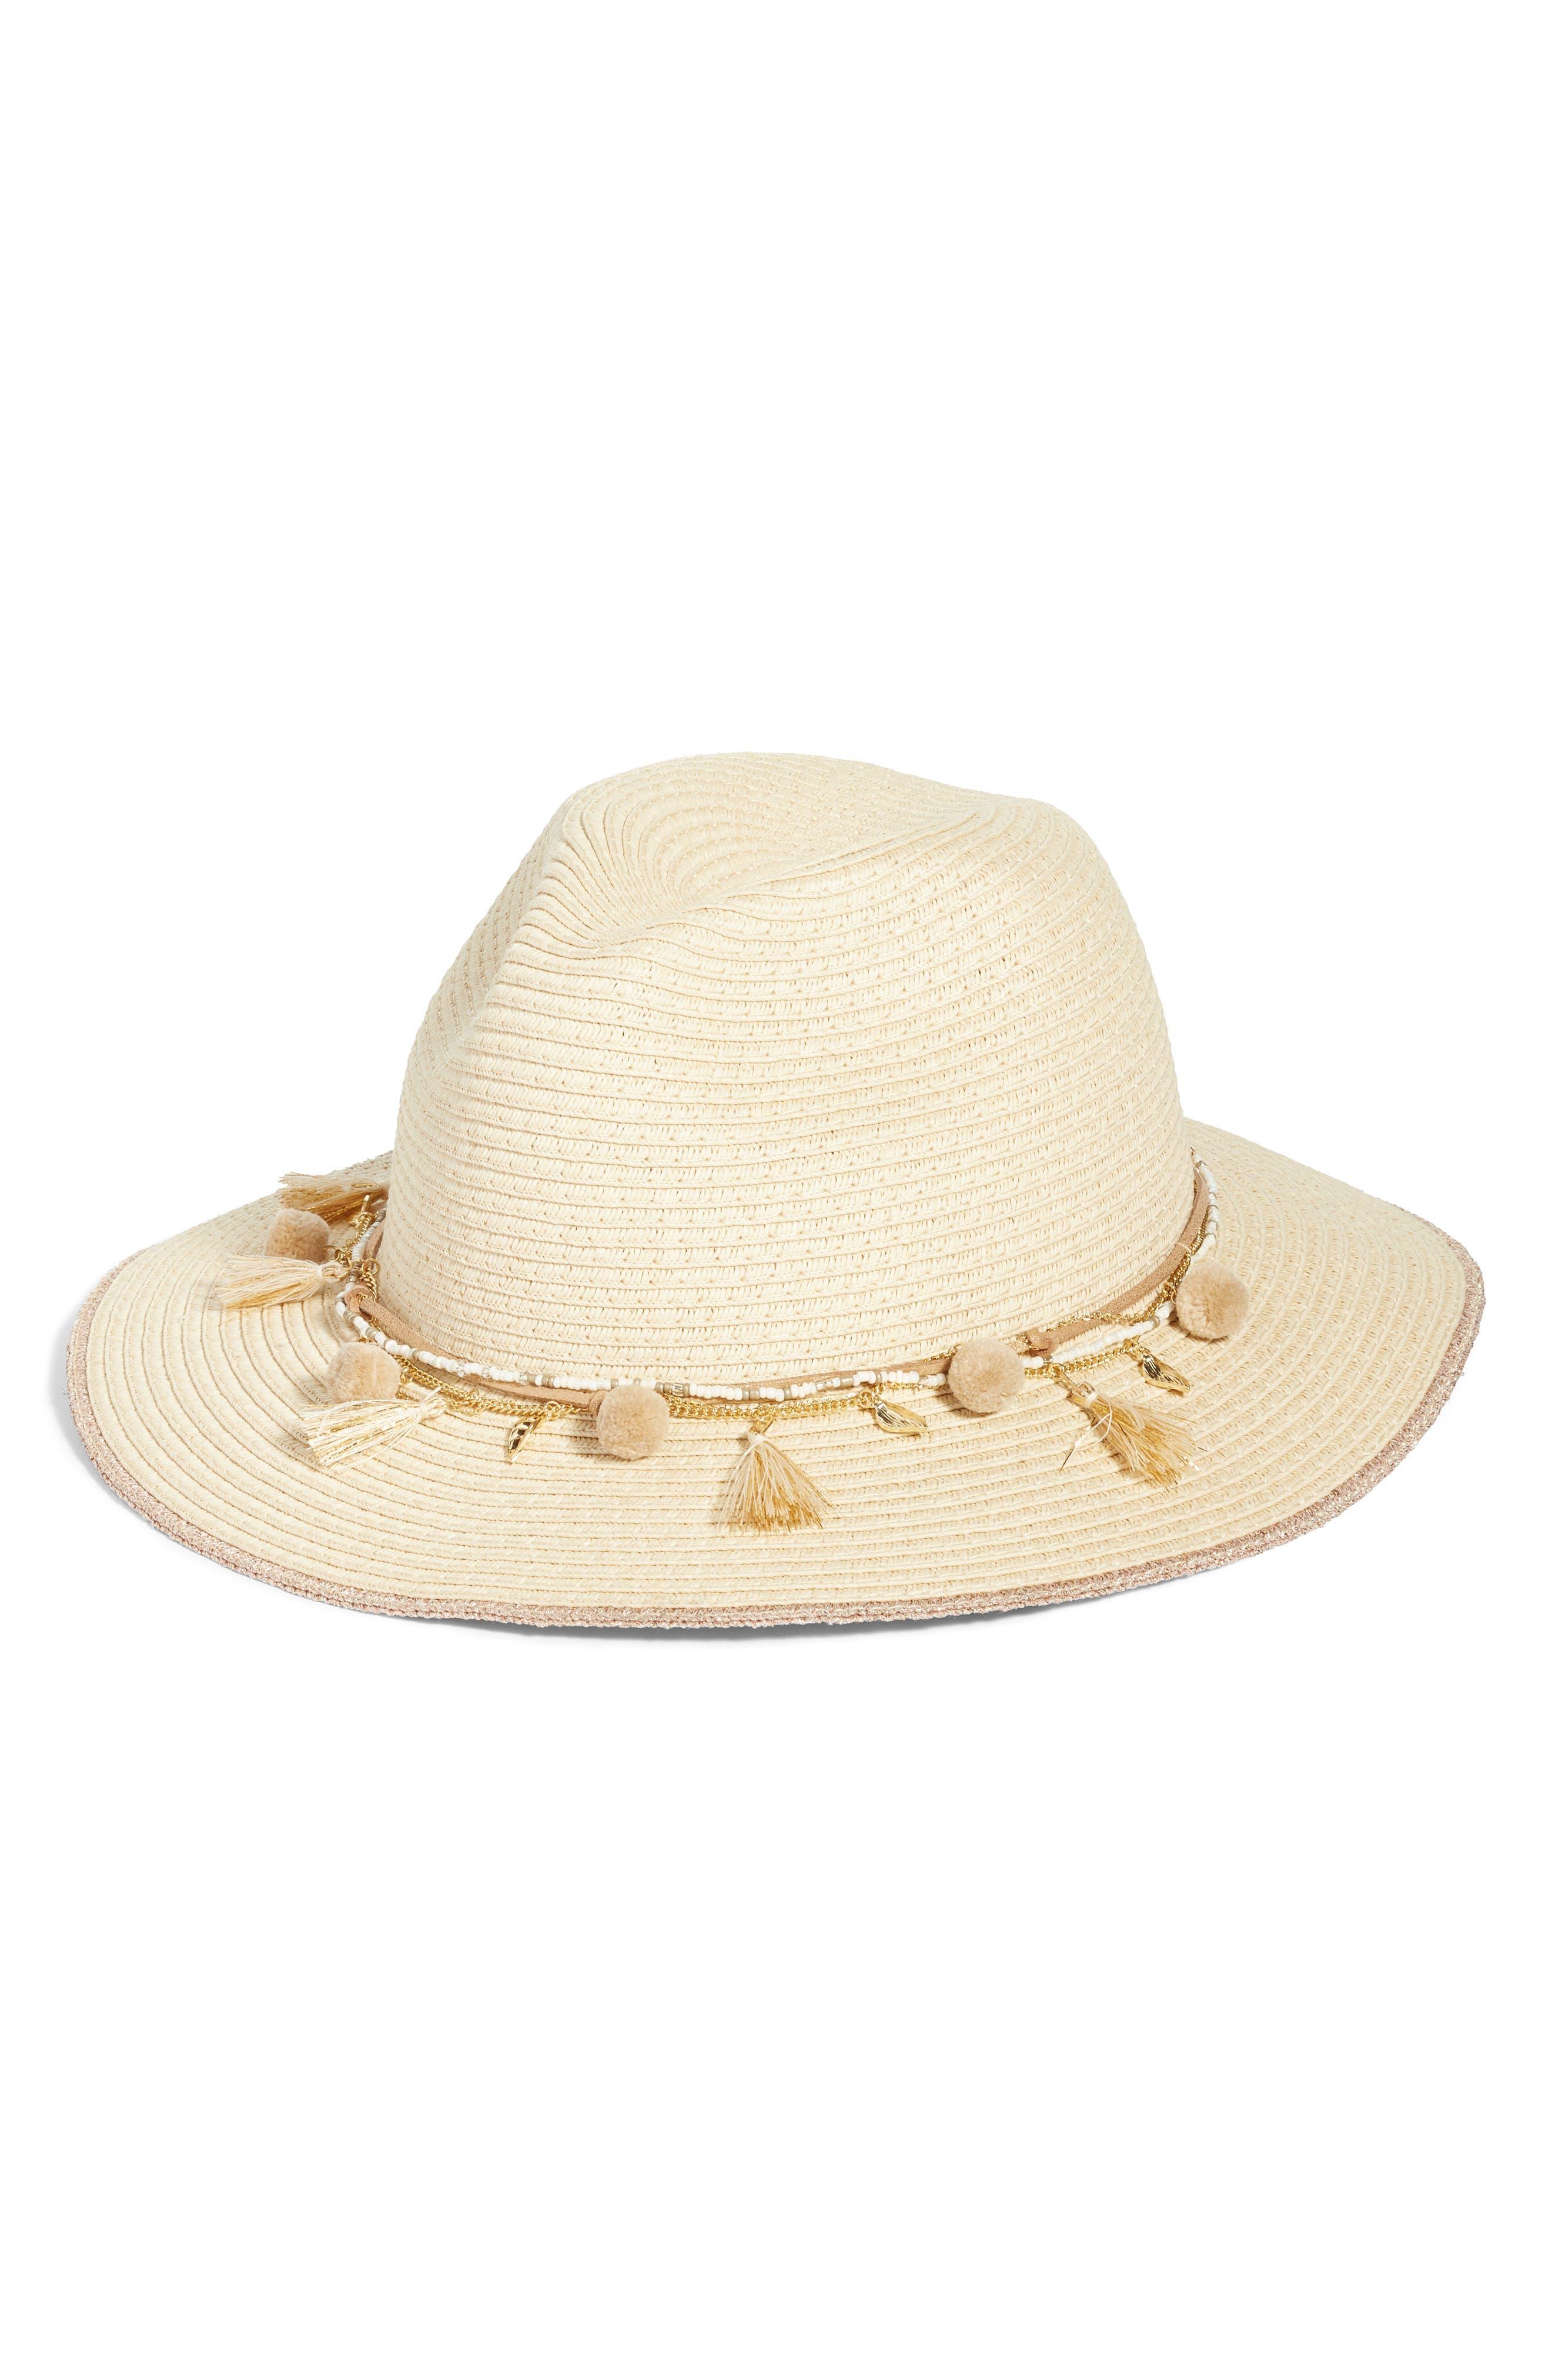 Corella Panama Hat,                         Main,                         color, White